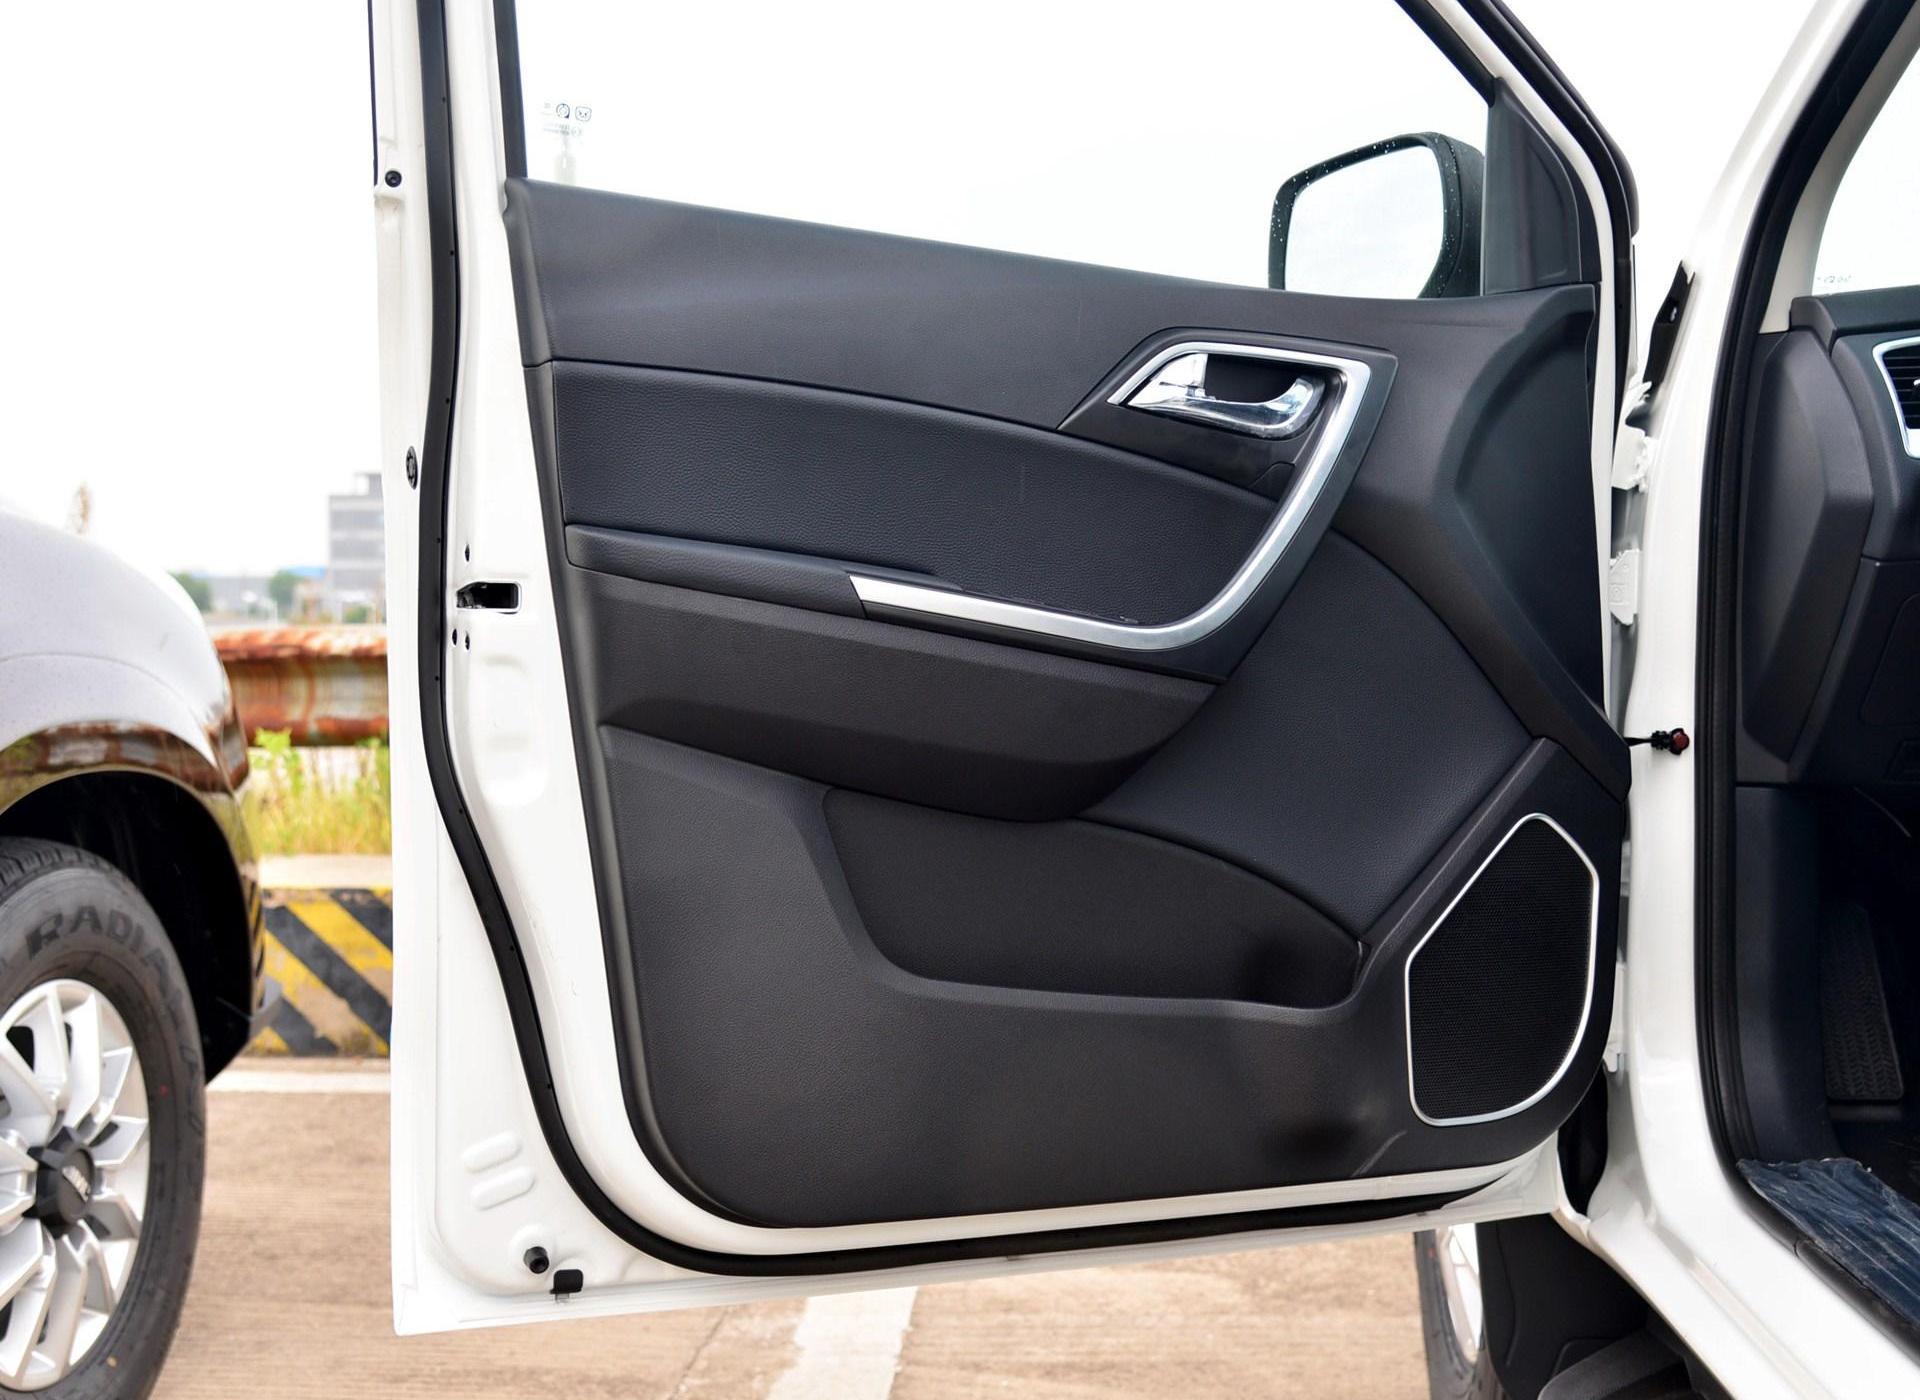 域虎3车厢座椅